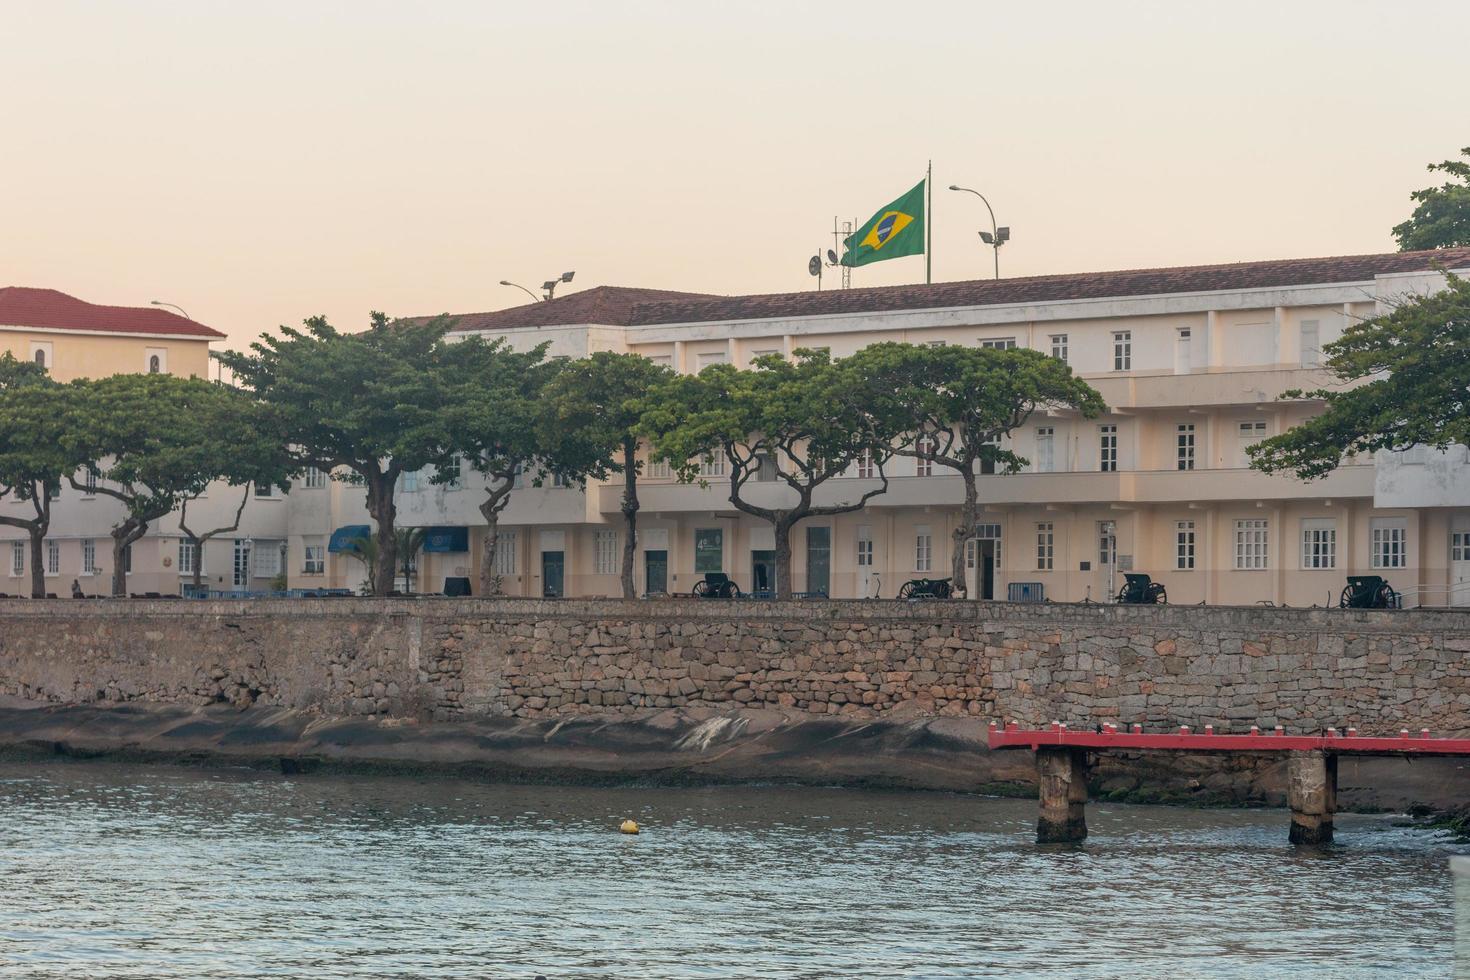 río de janeiro, brasil, 2015 - fuerte de copacabana en río de janeiro foto